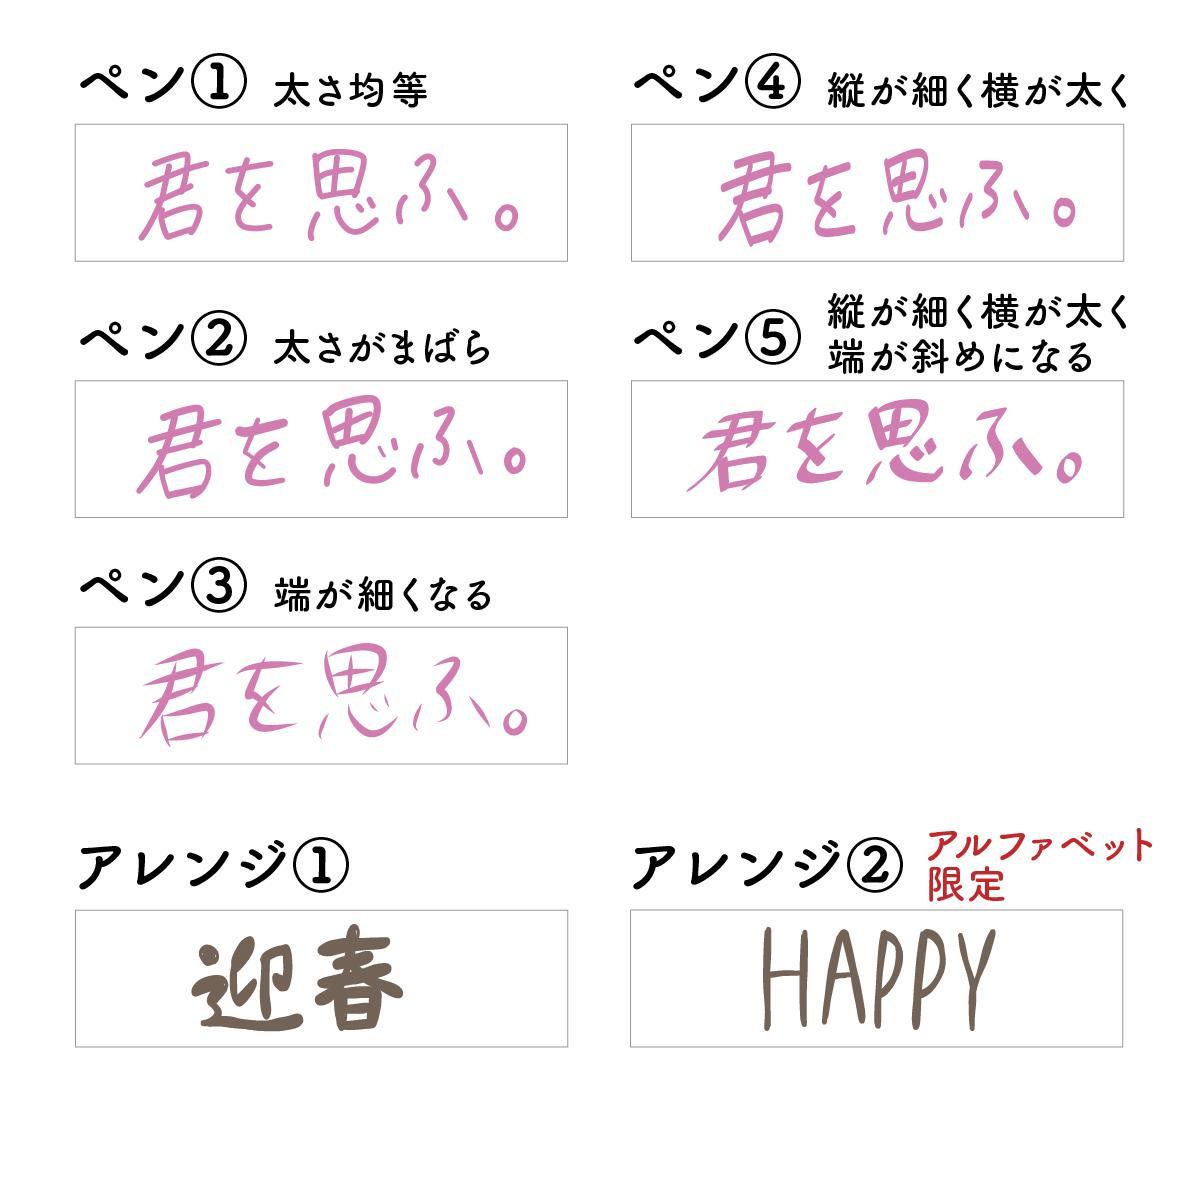 へたかわ風の手書き文字を作成します 必ず3パターンご提案!ハガキ、ロゴ等に温かみある手書き文字を